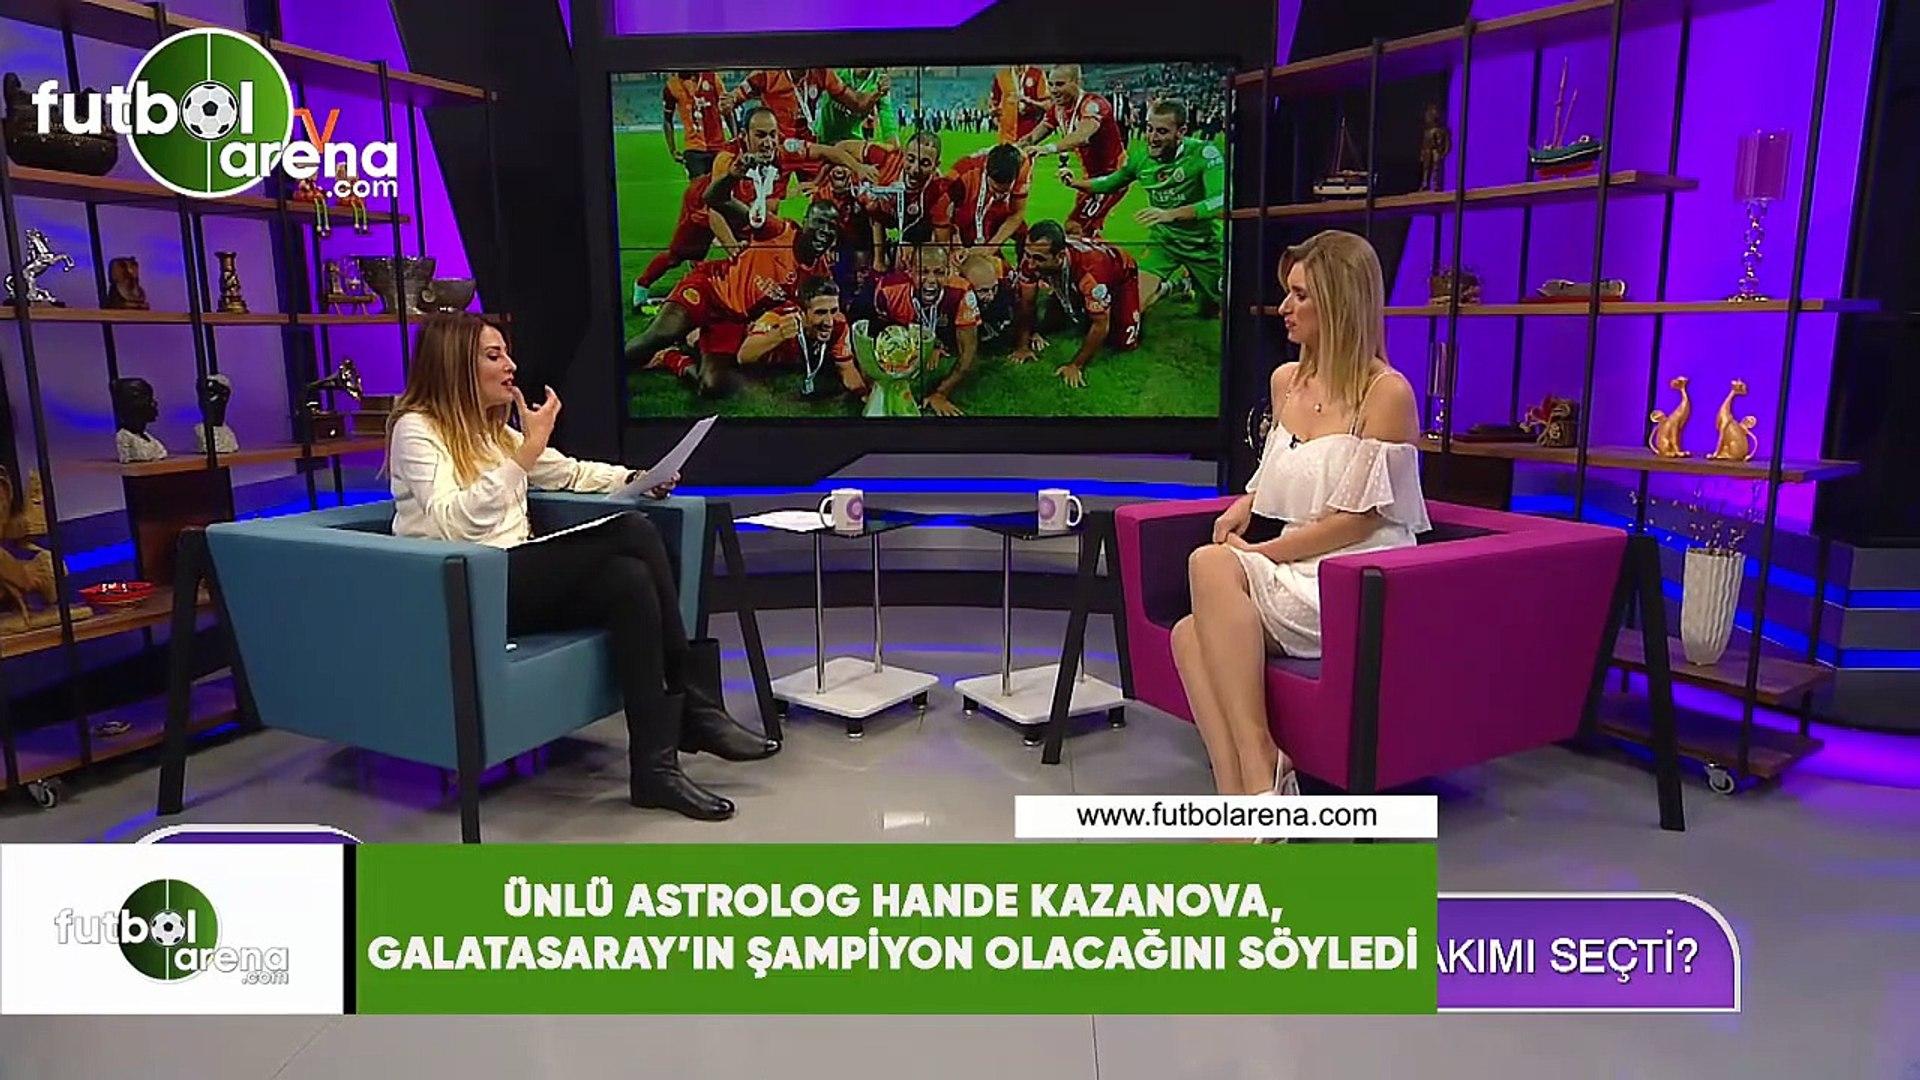 Ünlü astrolog Hande Kazanova, Galatasaray'ın şampiyon olacağını söyledi